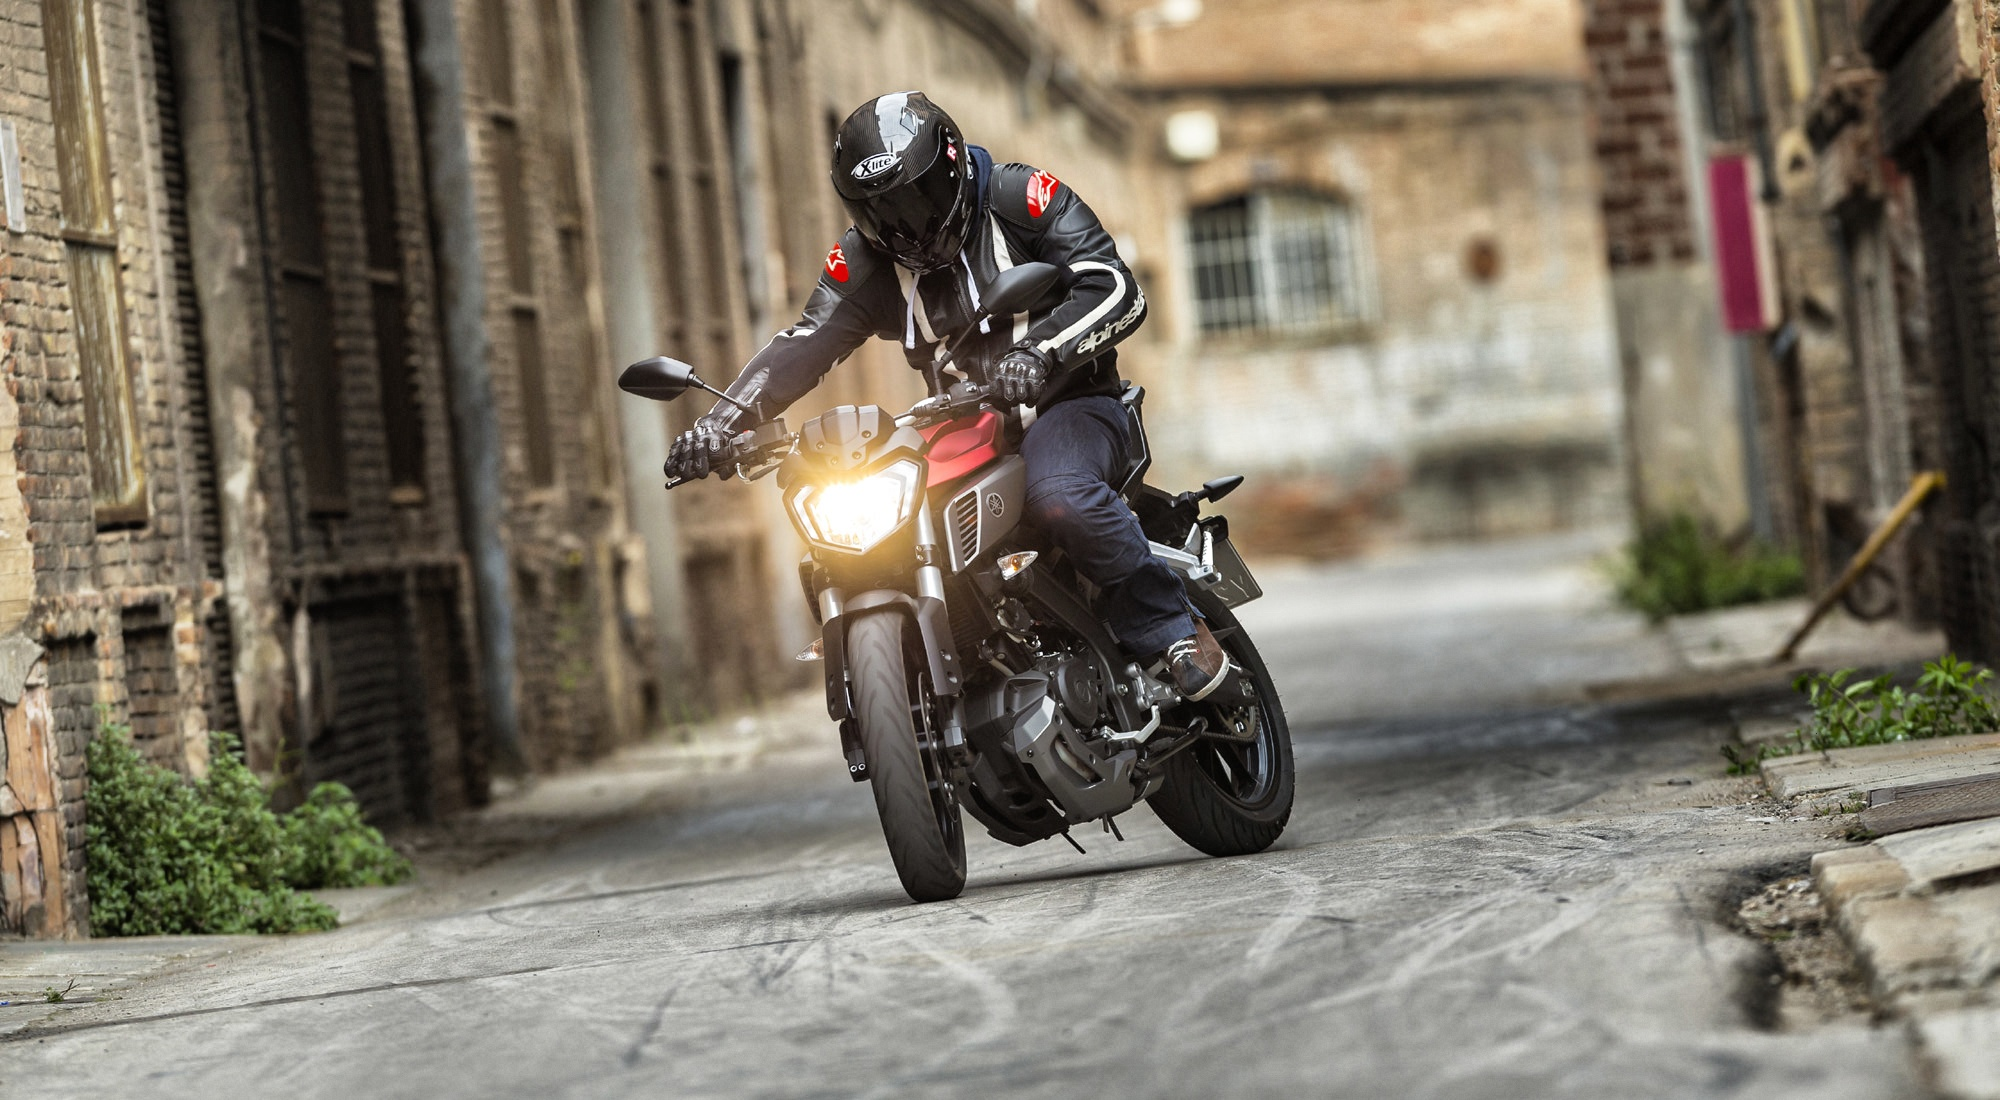 naked girl on moto